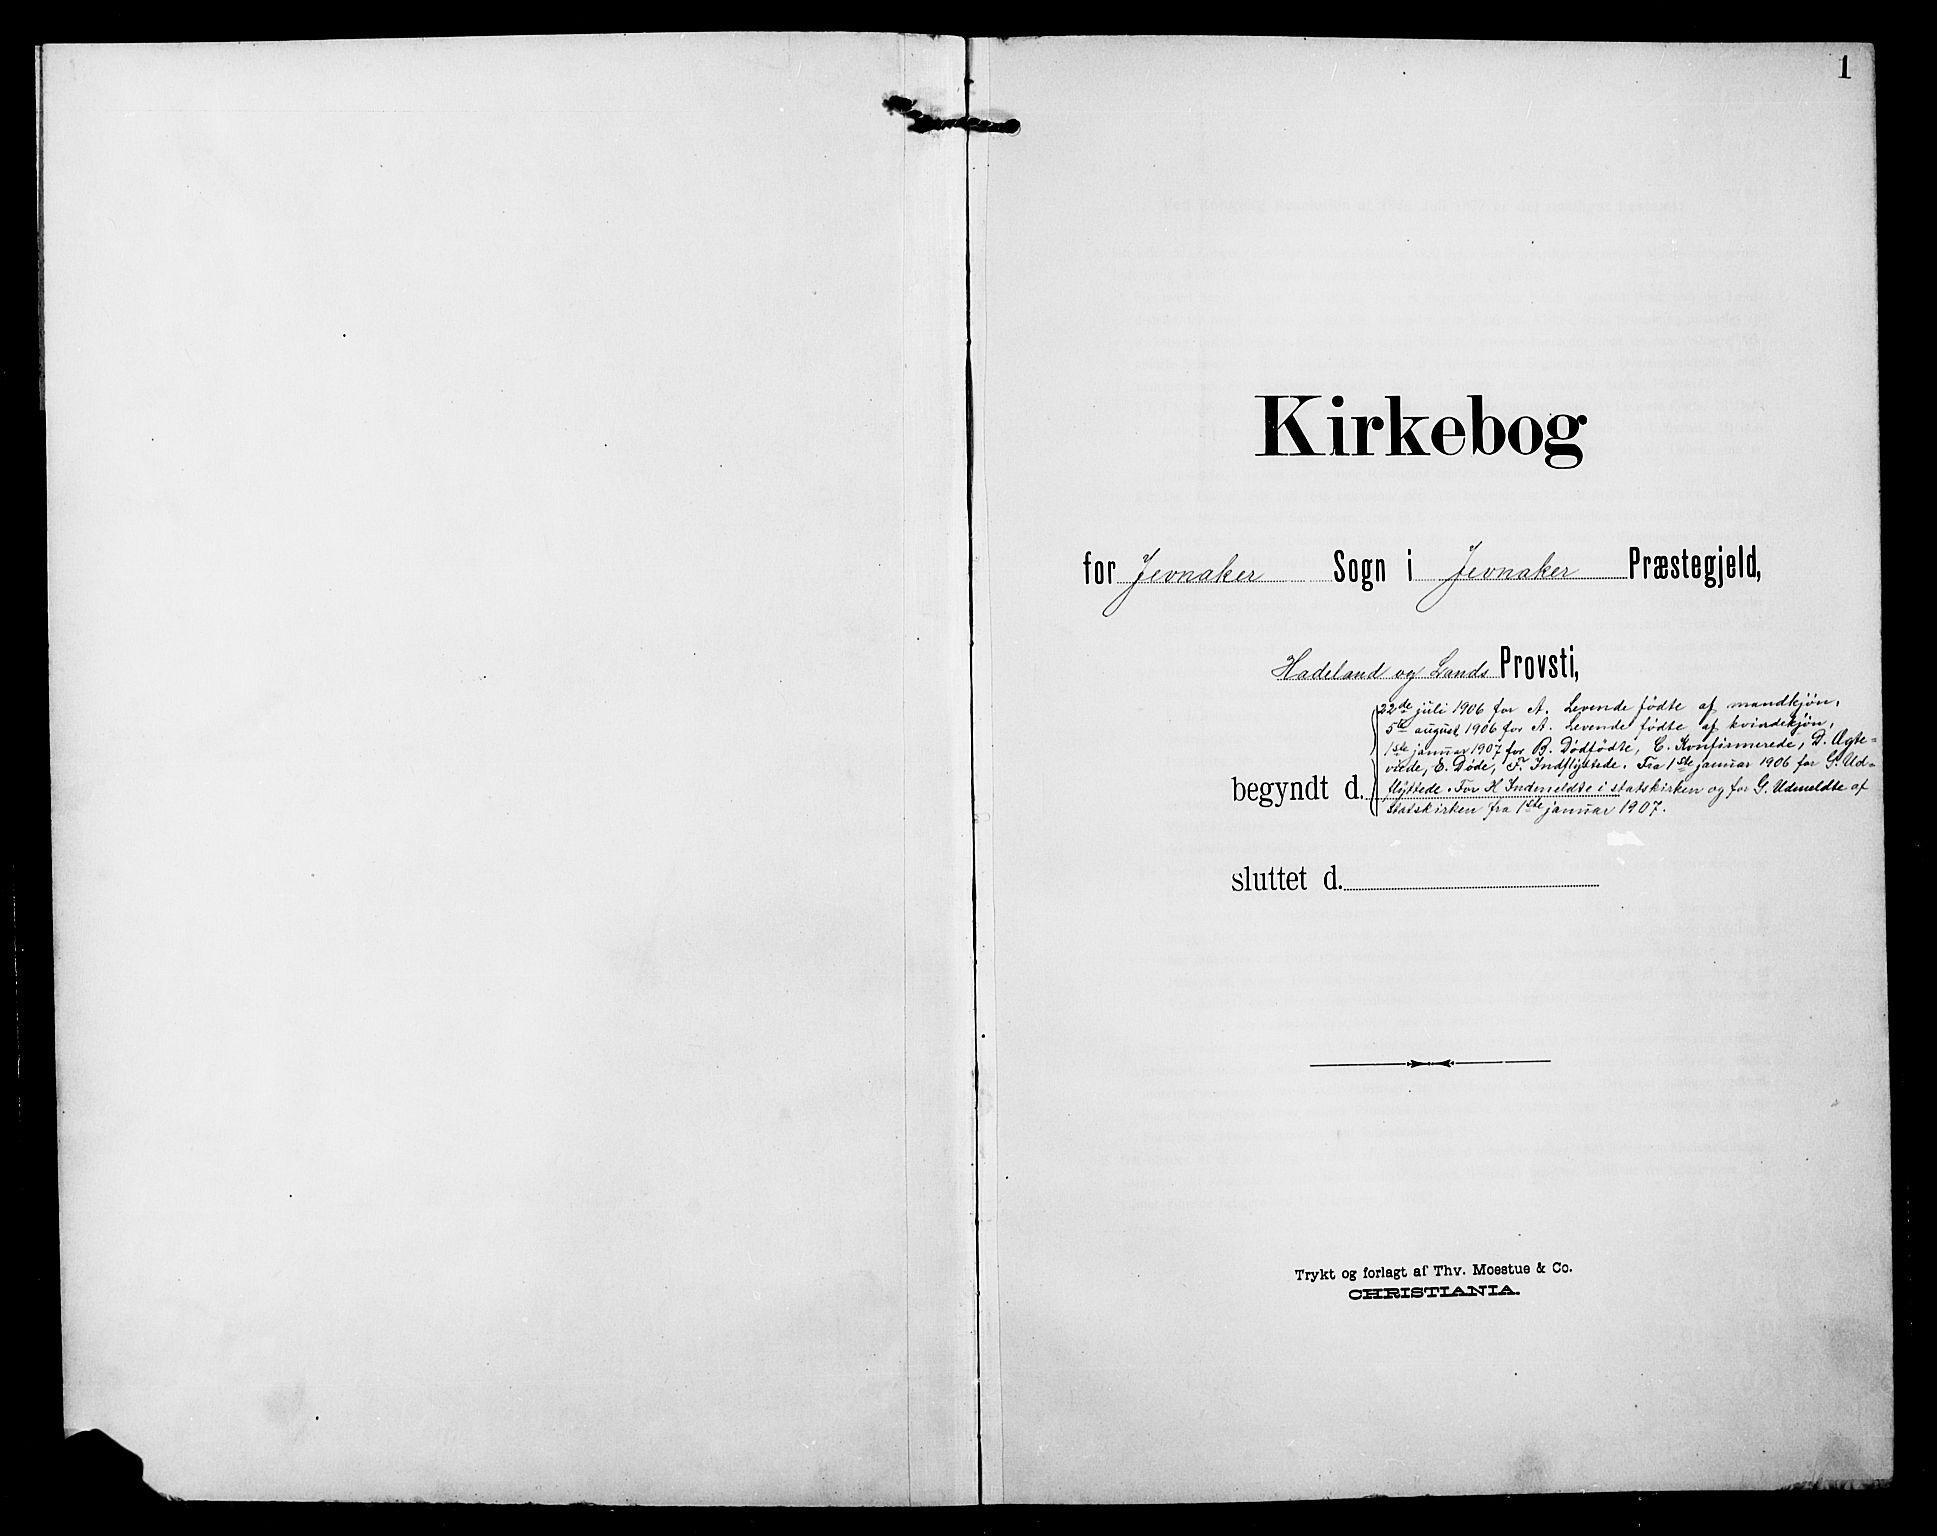 SAH, Jevnaker prestekontor, Klokkerbok nr. 4, 1907-1918, s. 1